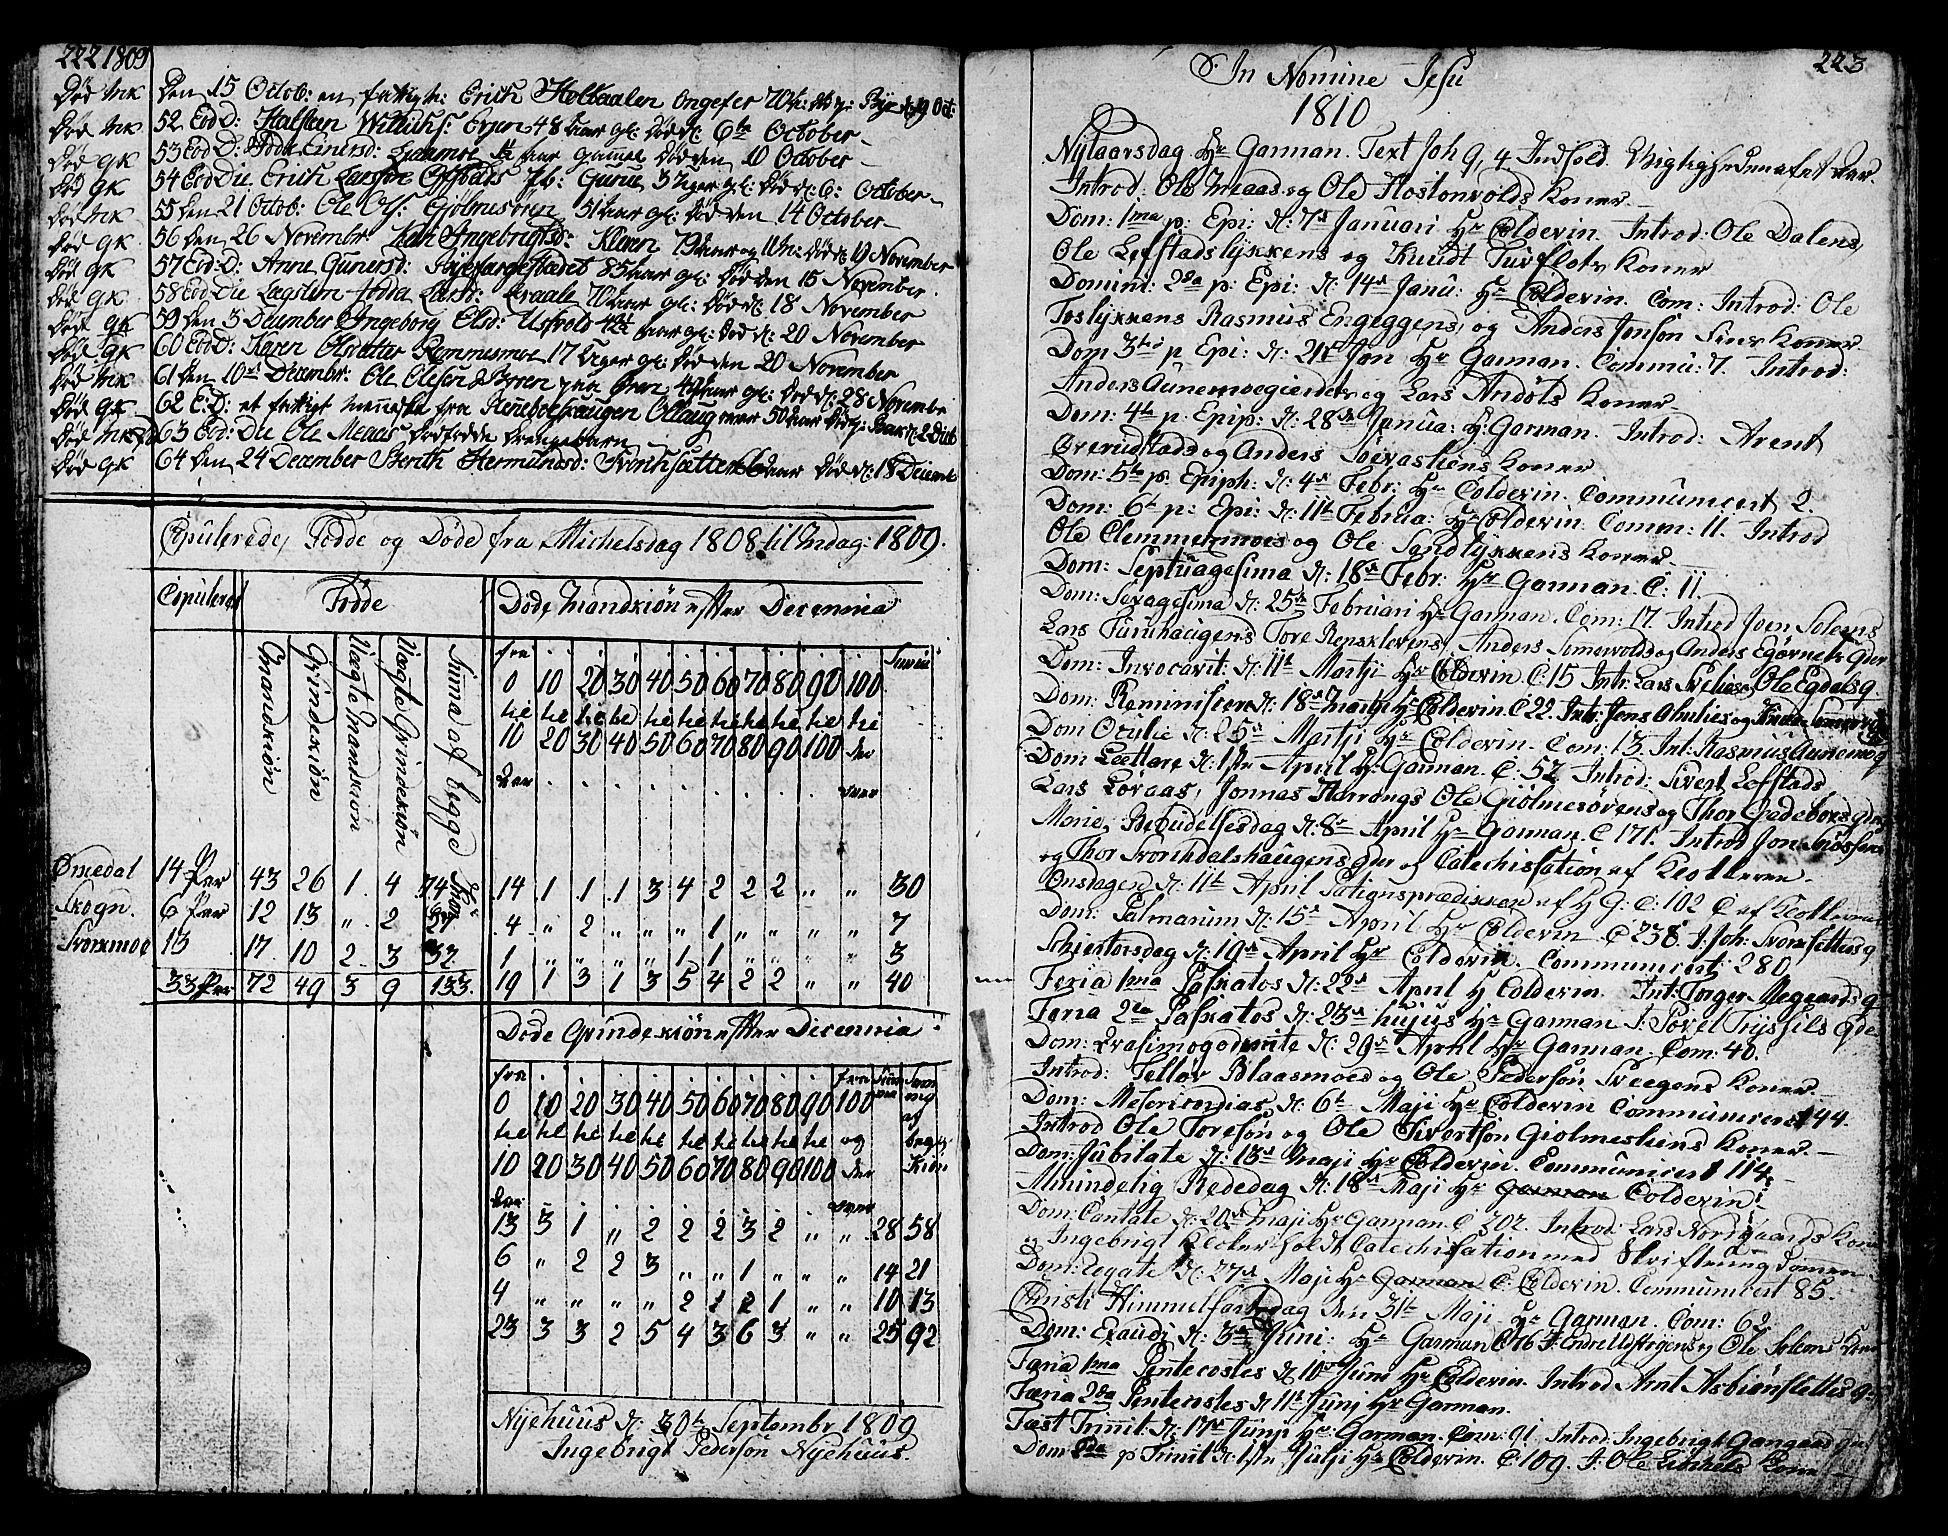 SAT, Ministerialprotokoller, klokkerbøker og fødselsregistre - Sør-Trøndelag, 668/L0815: Klokkerbok nr. 668C04, 1791-1815, s. 222-223